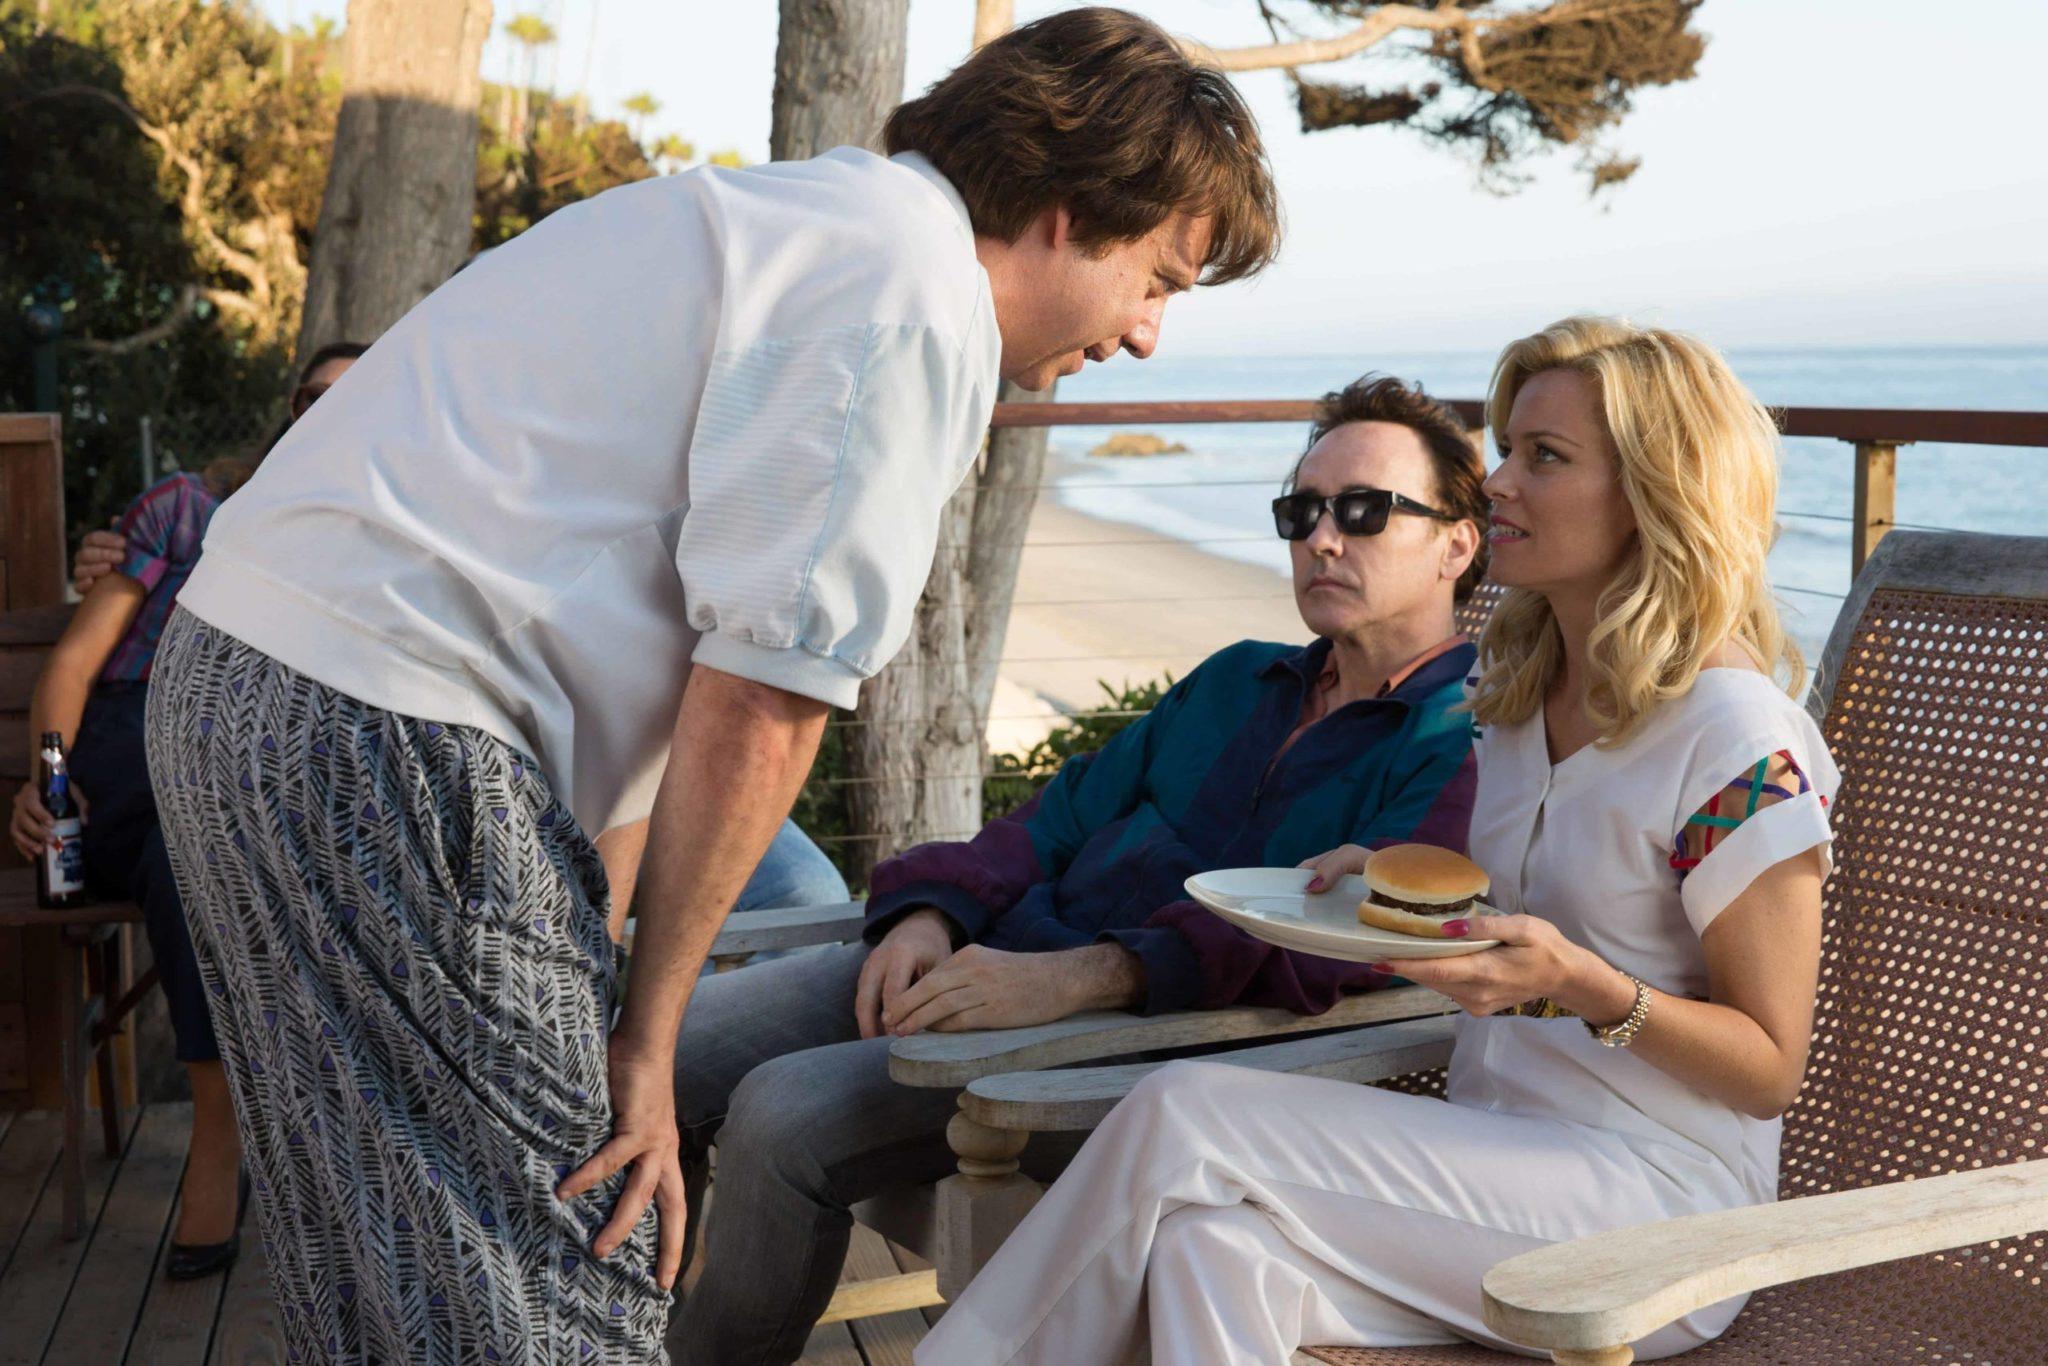 Paul Giamatti, John Cusack y Elizabeth Banks protagoniza 'Amor y Compasión' (Love & Mercy), en cines 19 de febrero. © 2015 - Roadside Attractions